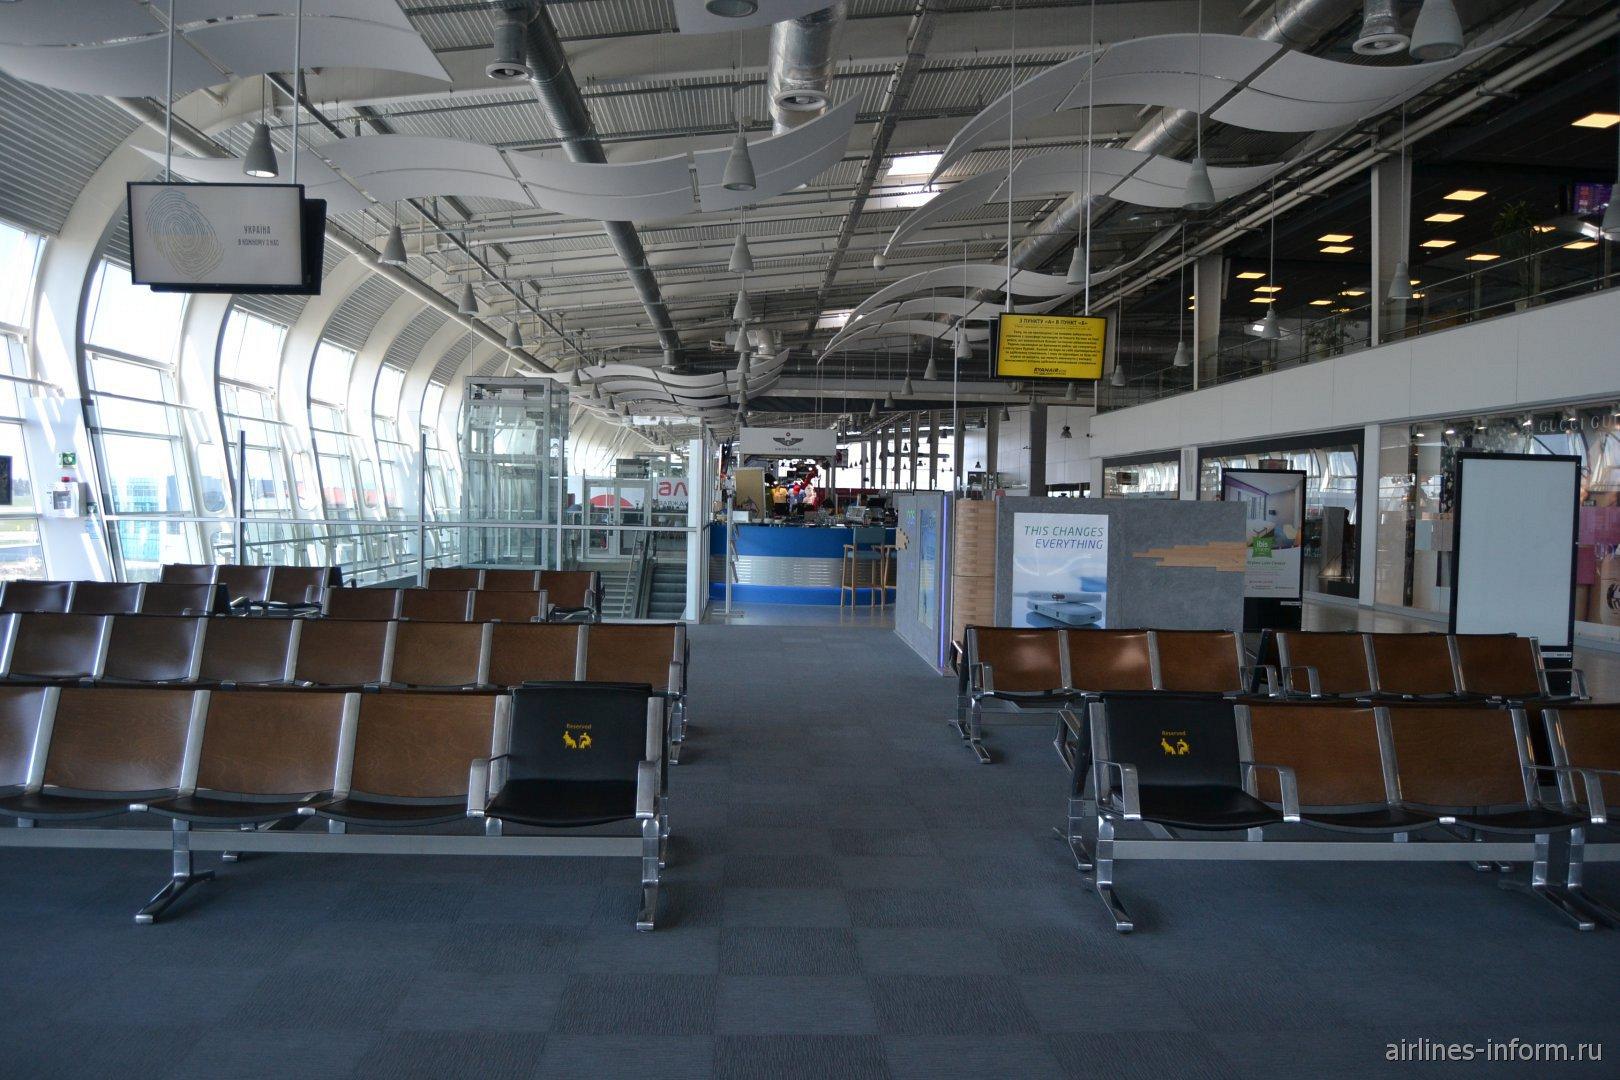 Накопитель в аэропорту Львов Данила Галицкий